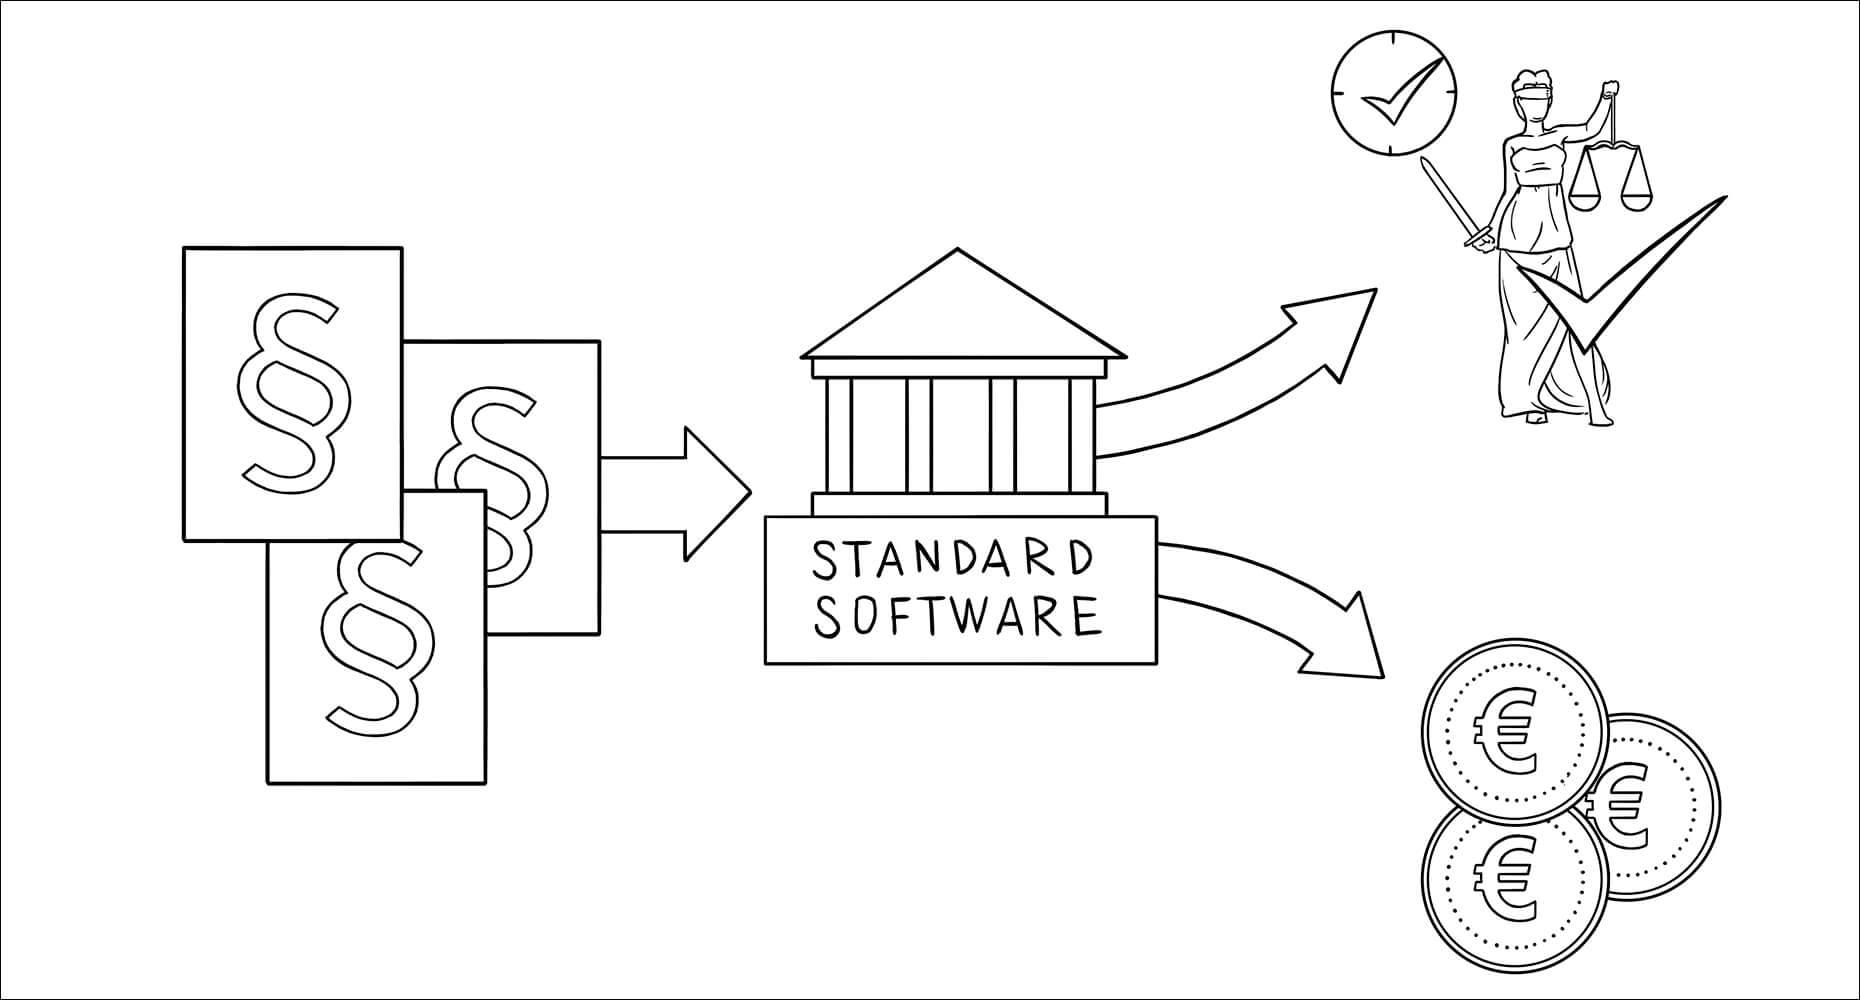 Regulatorik: Ein Herausforderung für Versicherer / Regulatory Compliance: A challenge for insurers